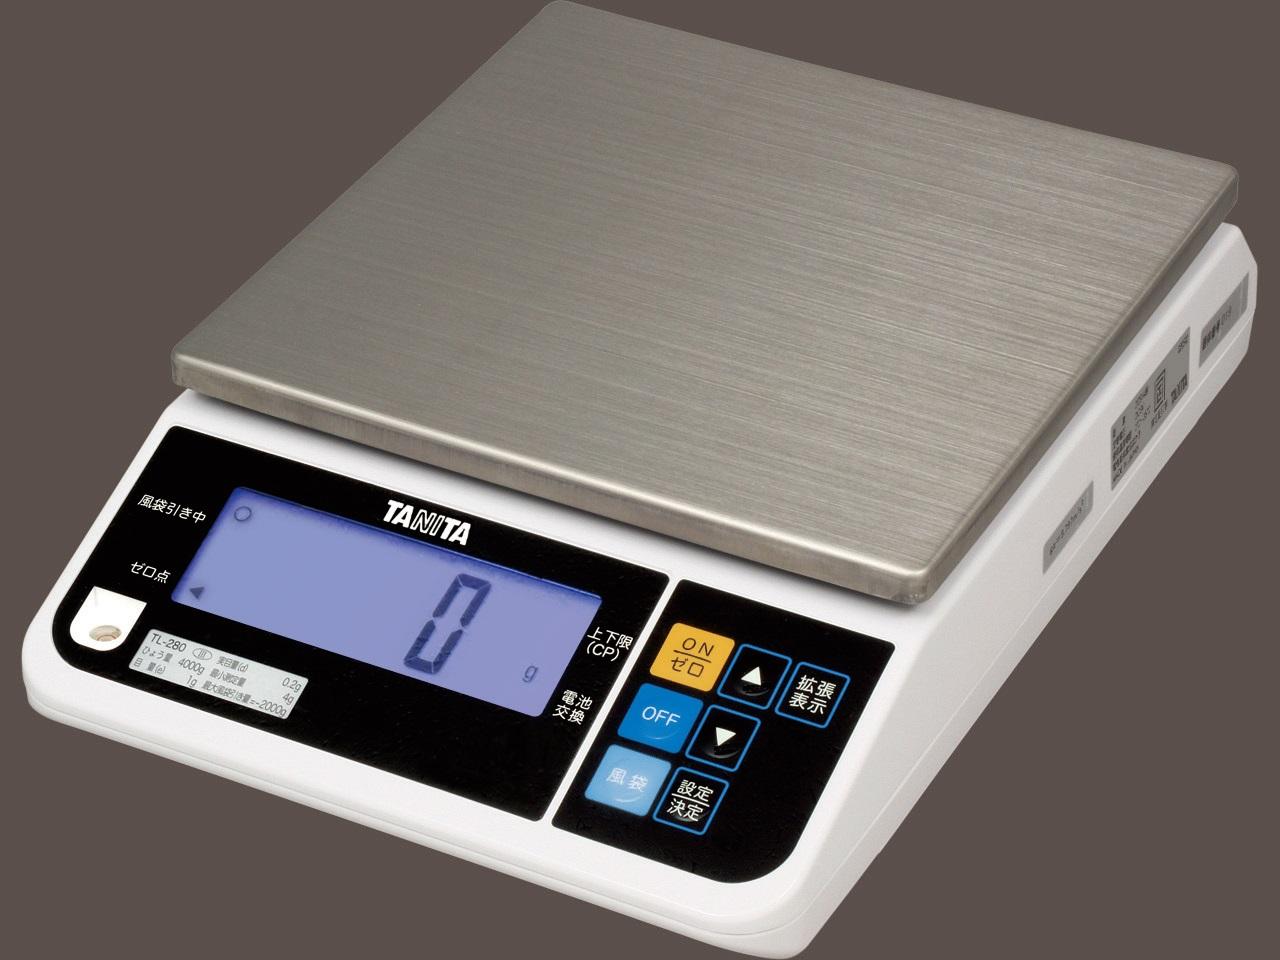 【�潟^ニタ】デジタルスケール TL-290  15000g  対面表示・USBポート付・取引証明用